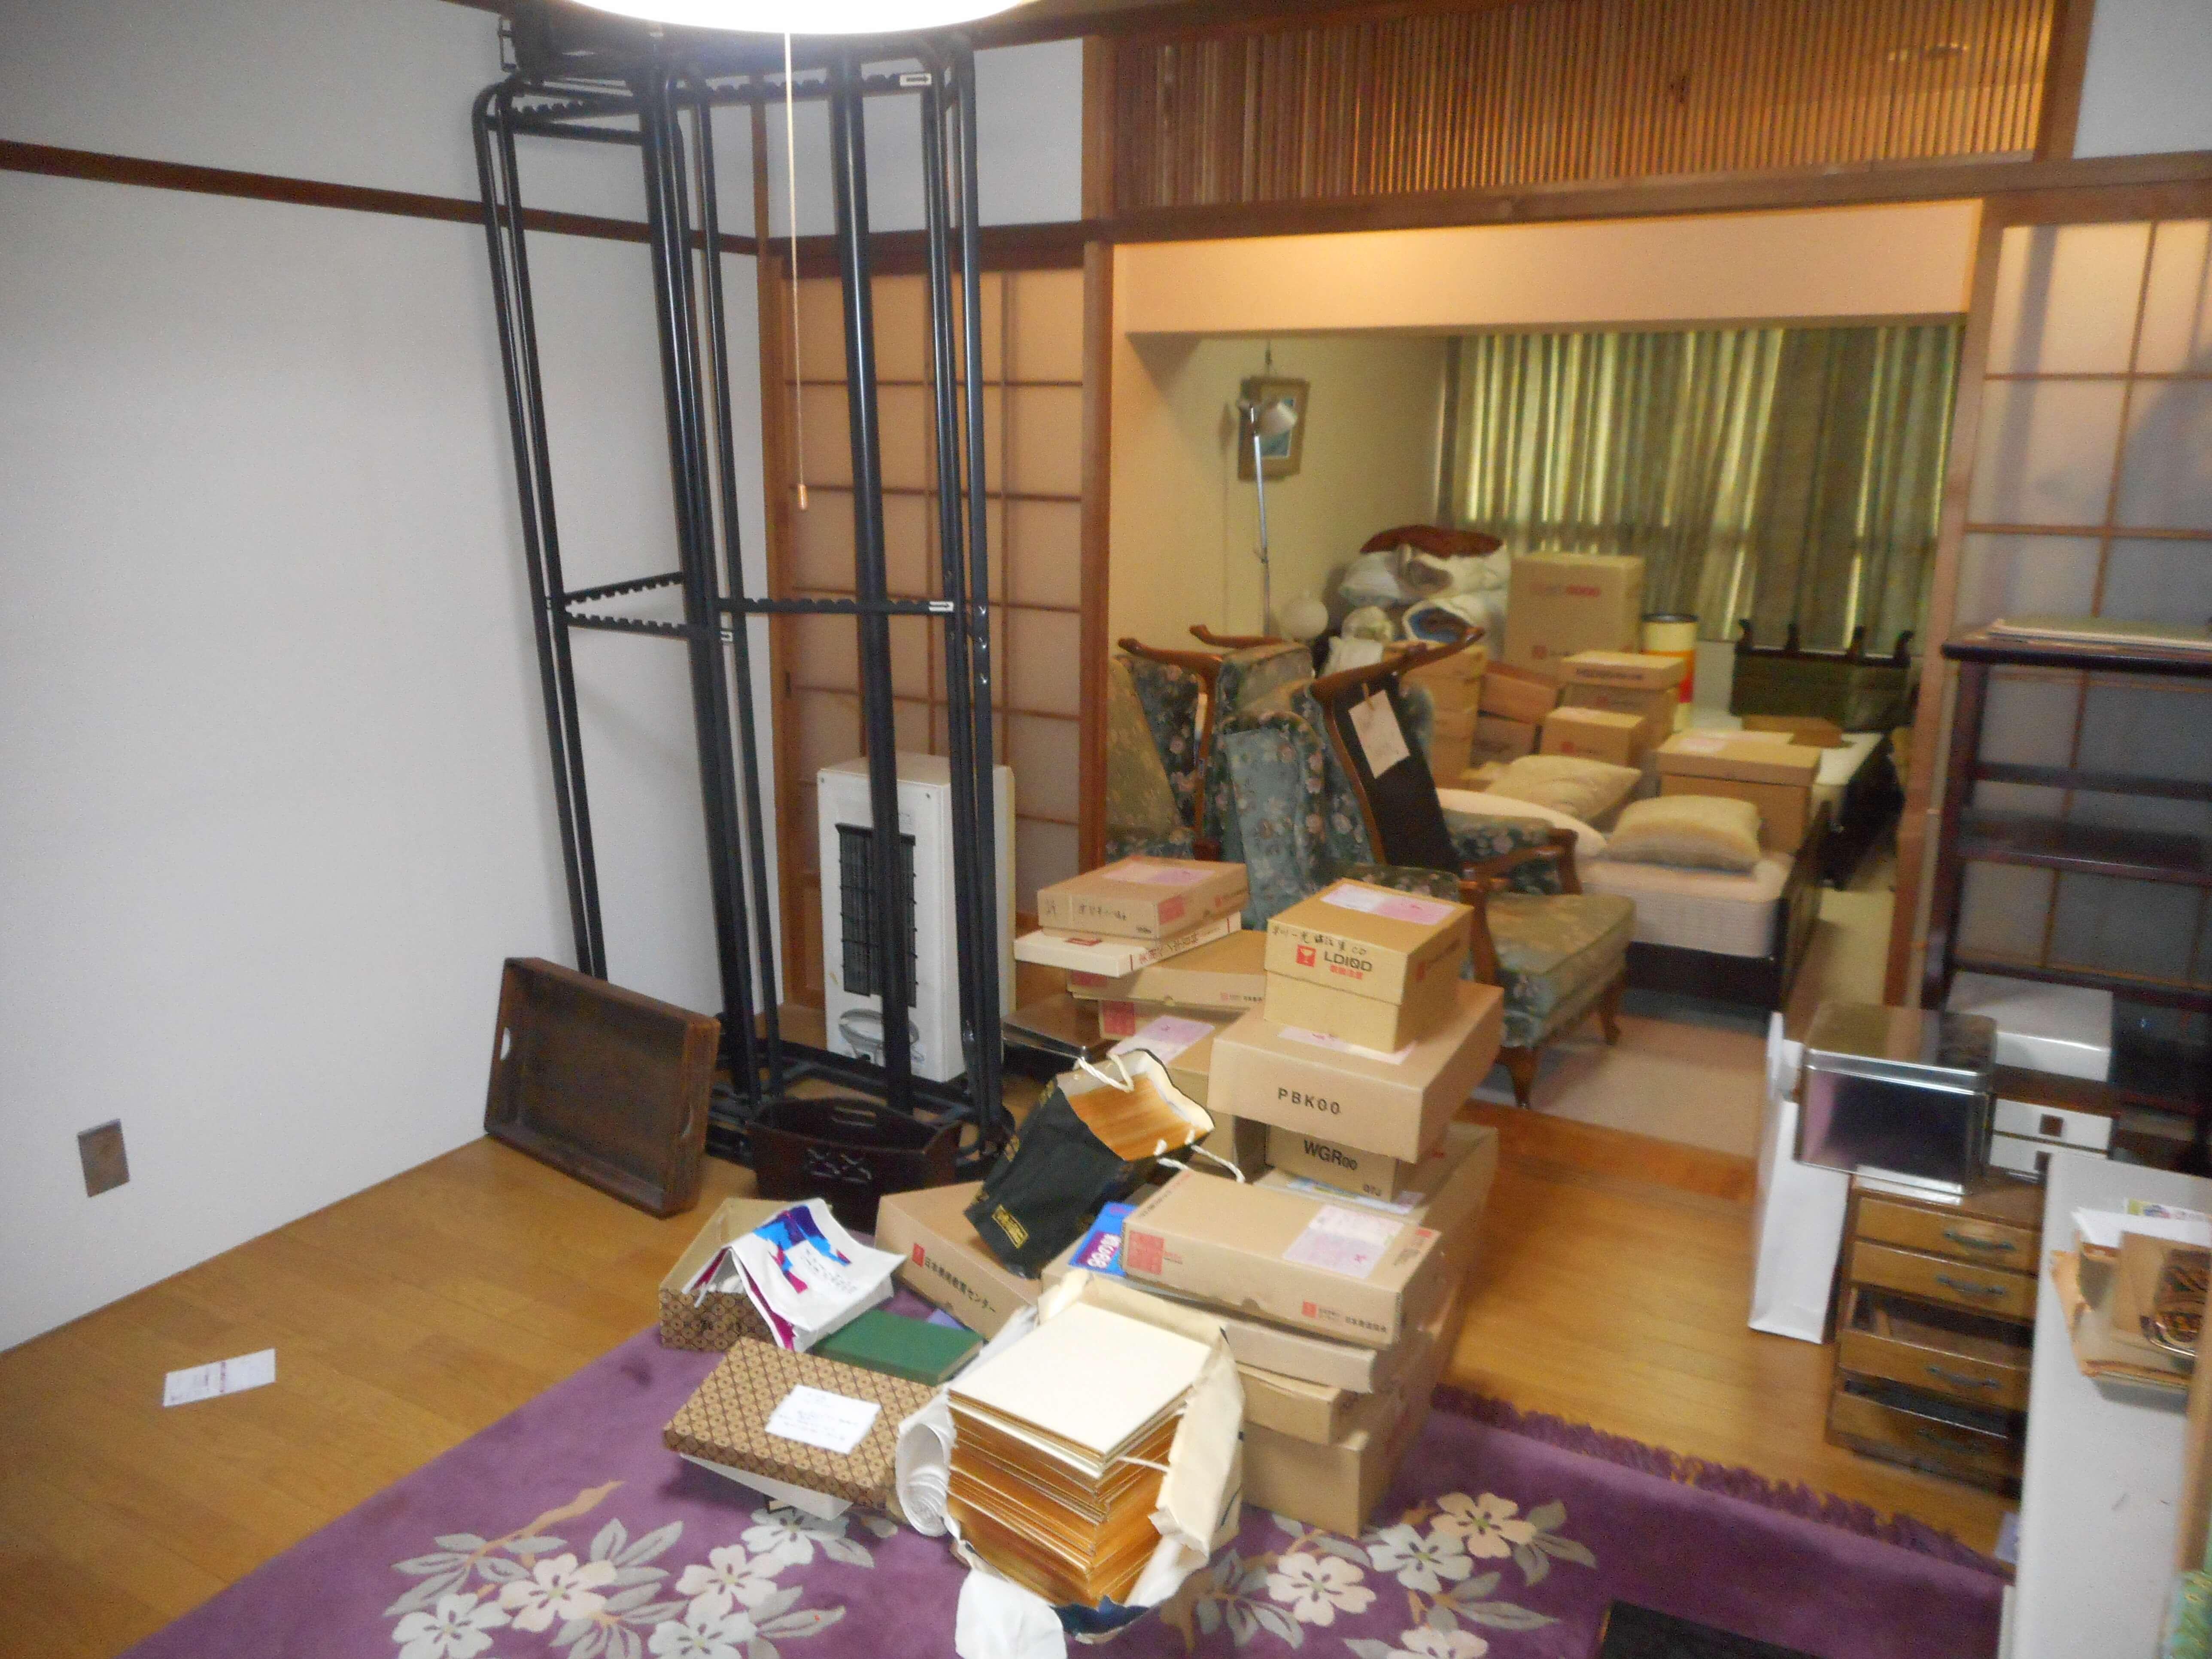 整理前の居室内の様子